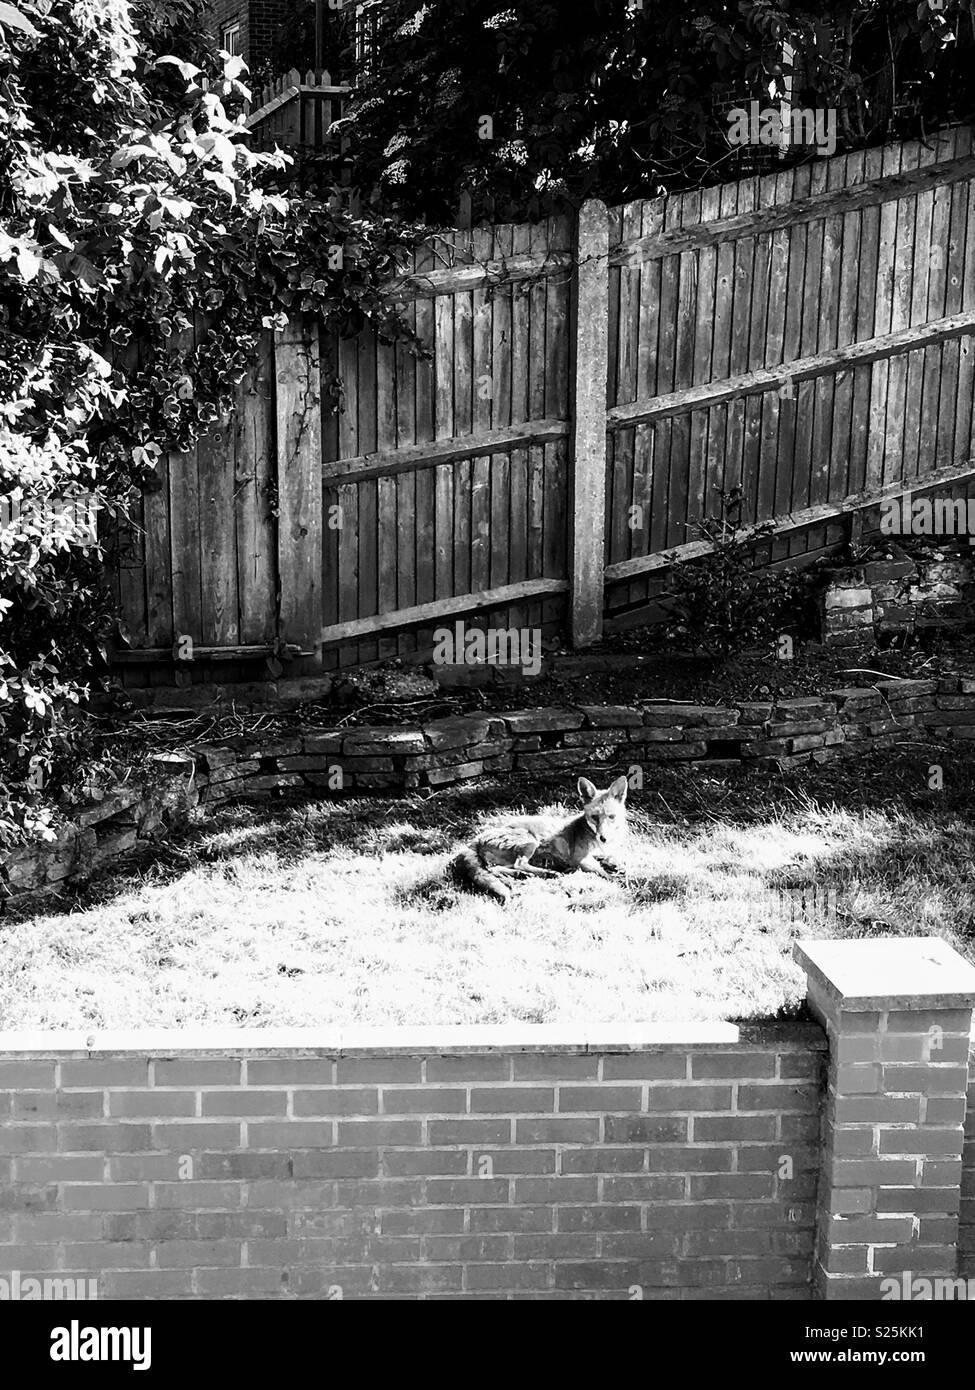 Fox urbano entorno en blanco y negro Imagen De Stock